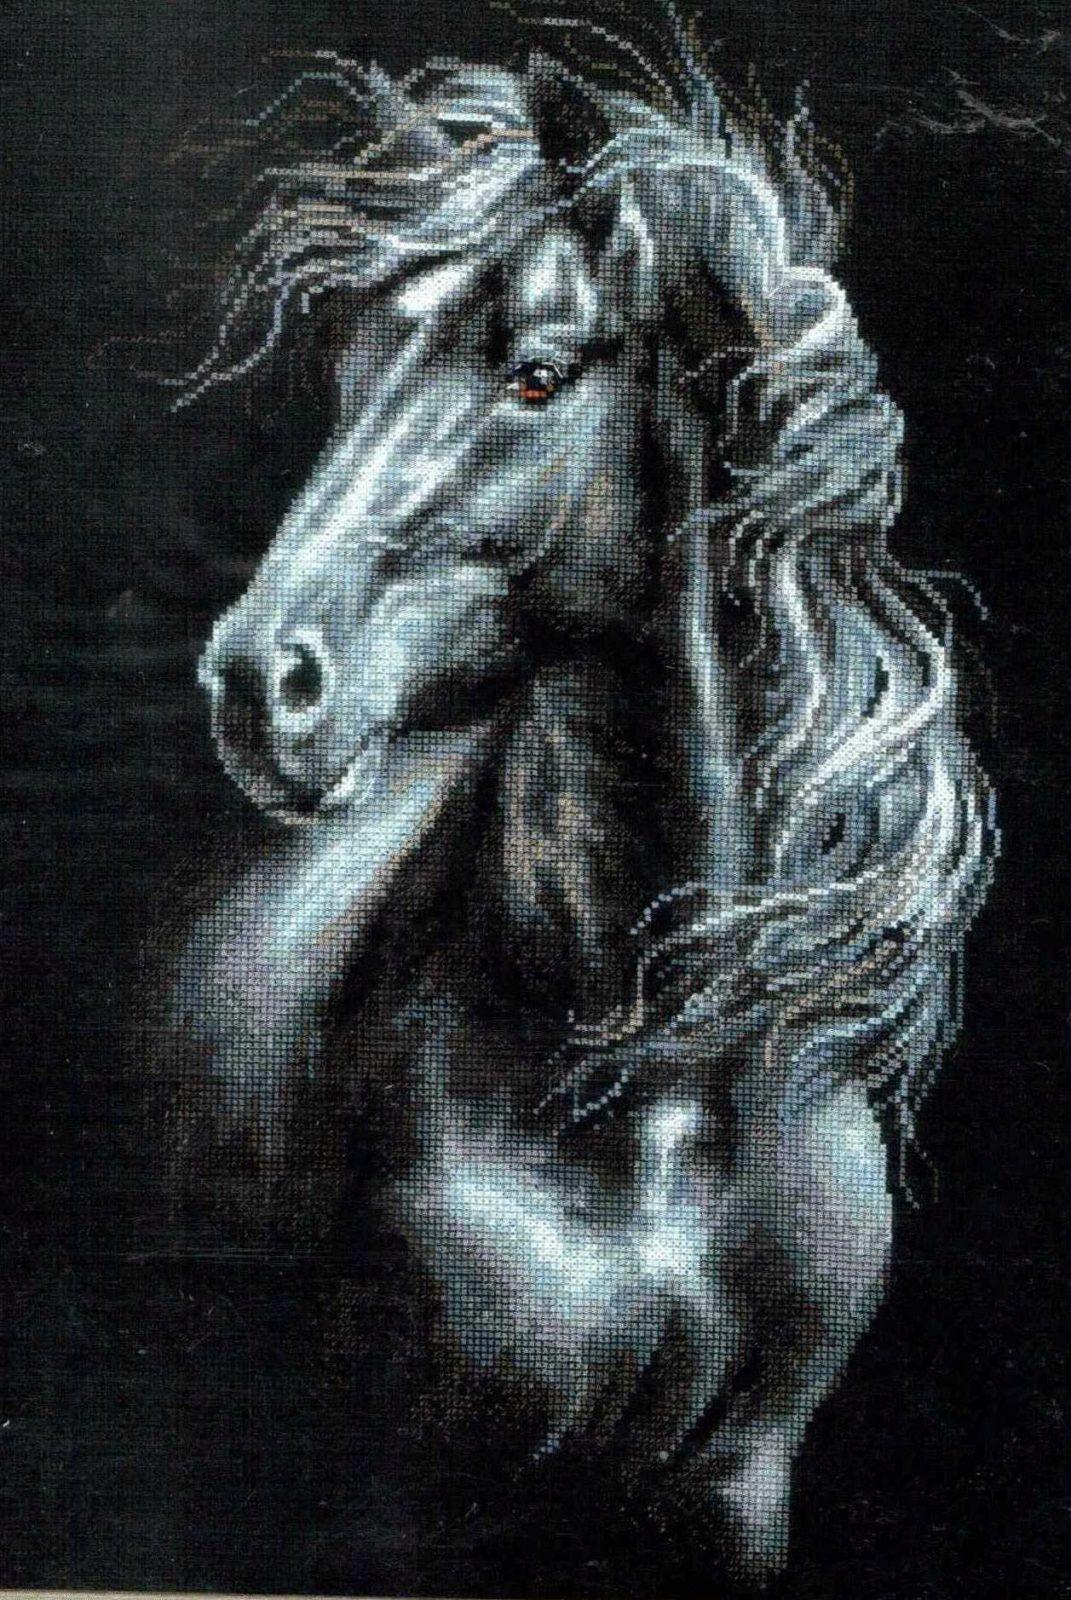 Купить вышивку бисером лошади в интернет-магазине с доставкой 70